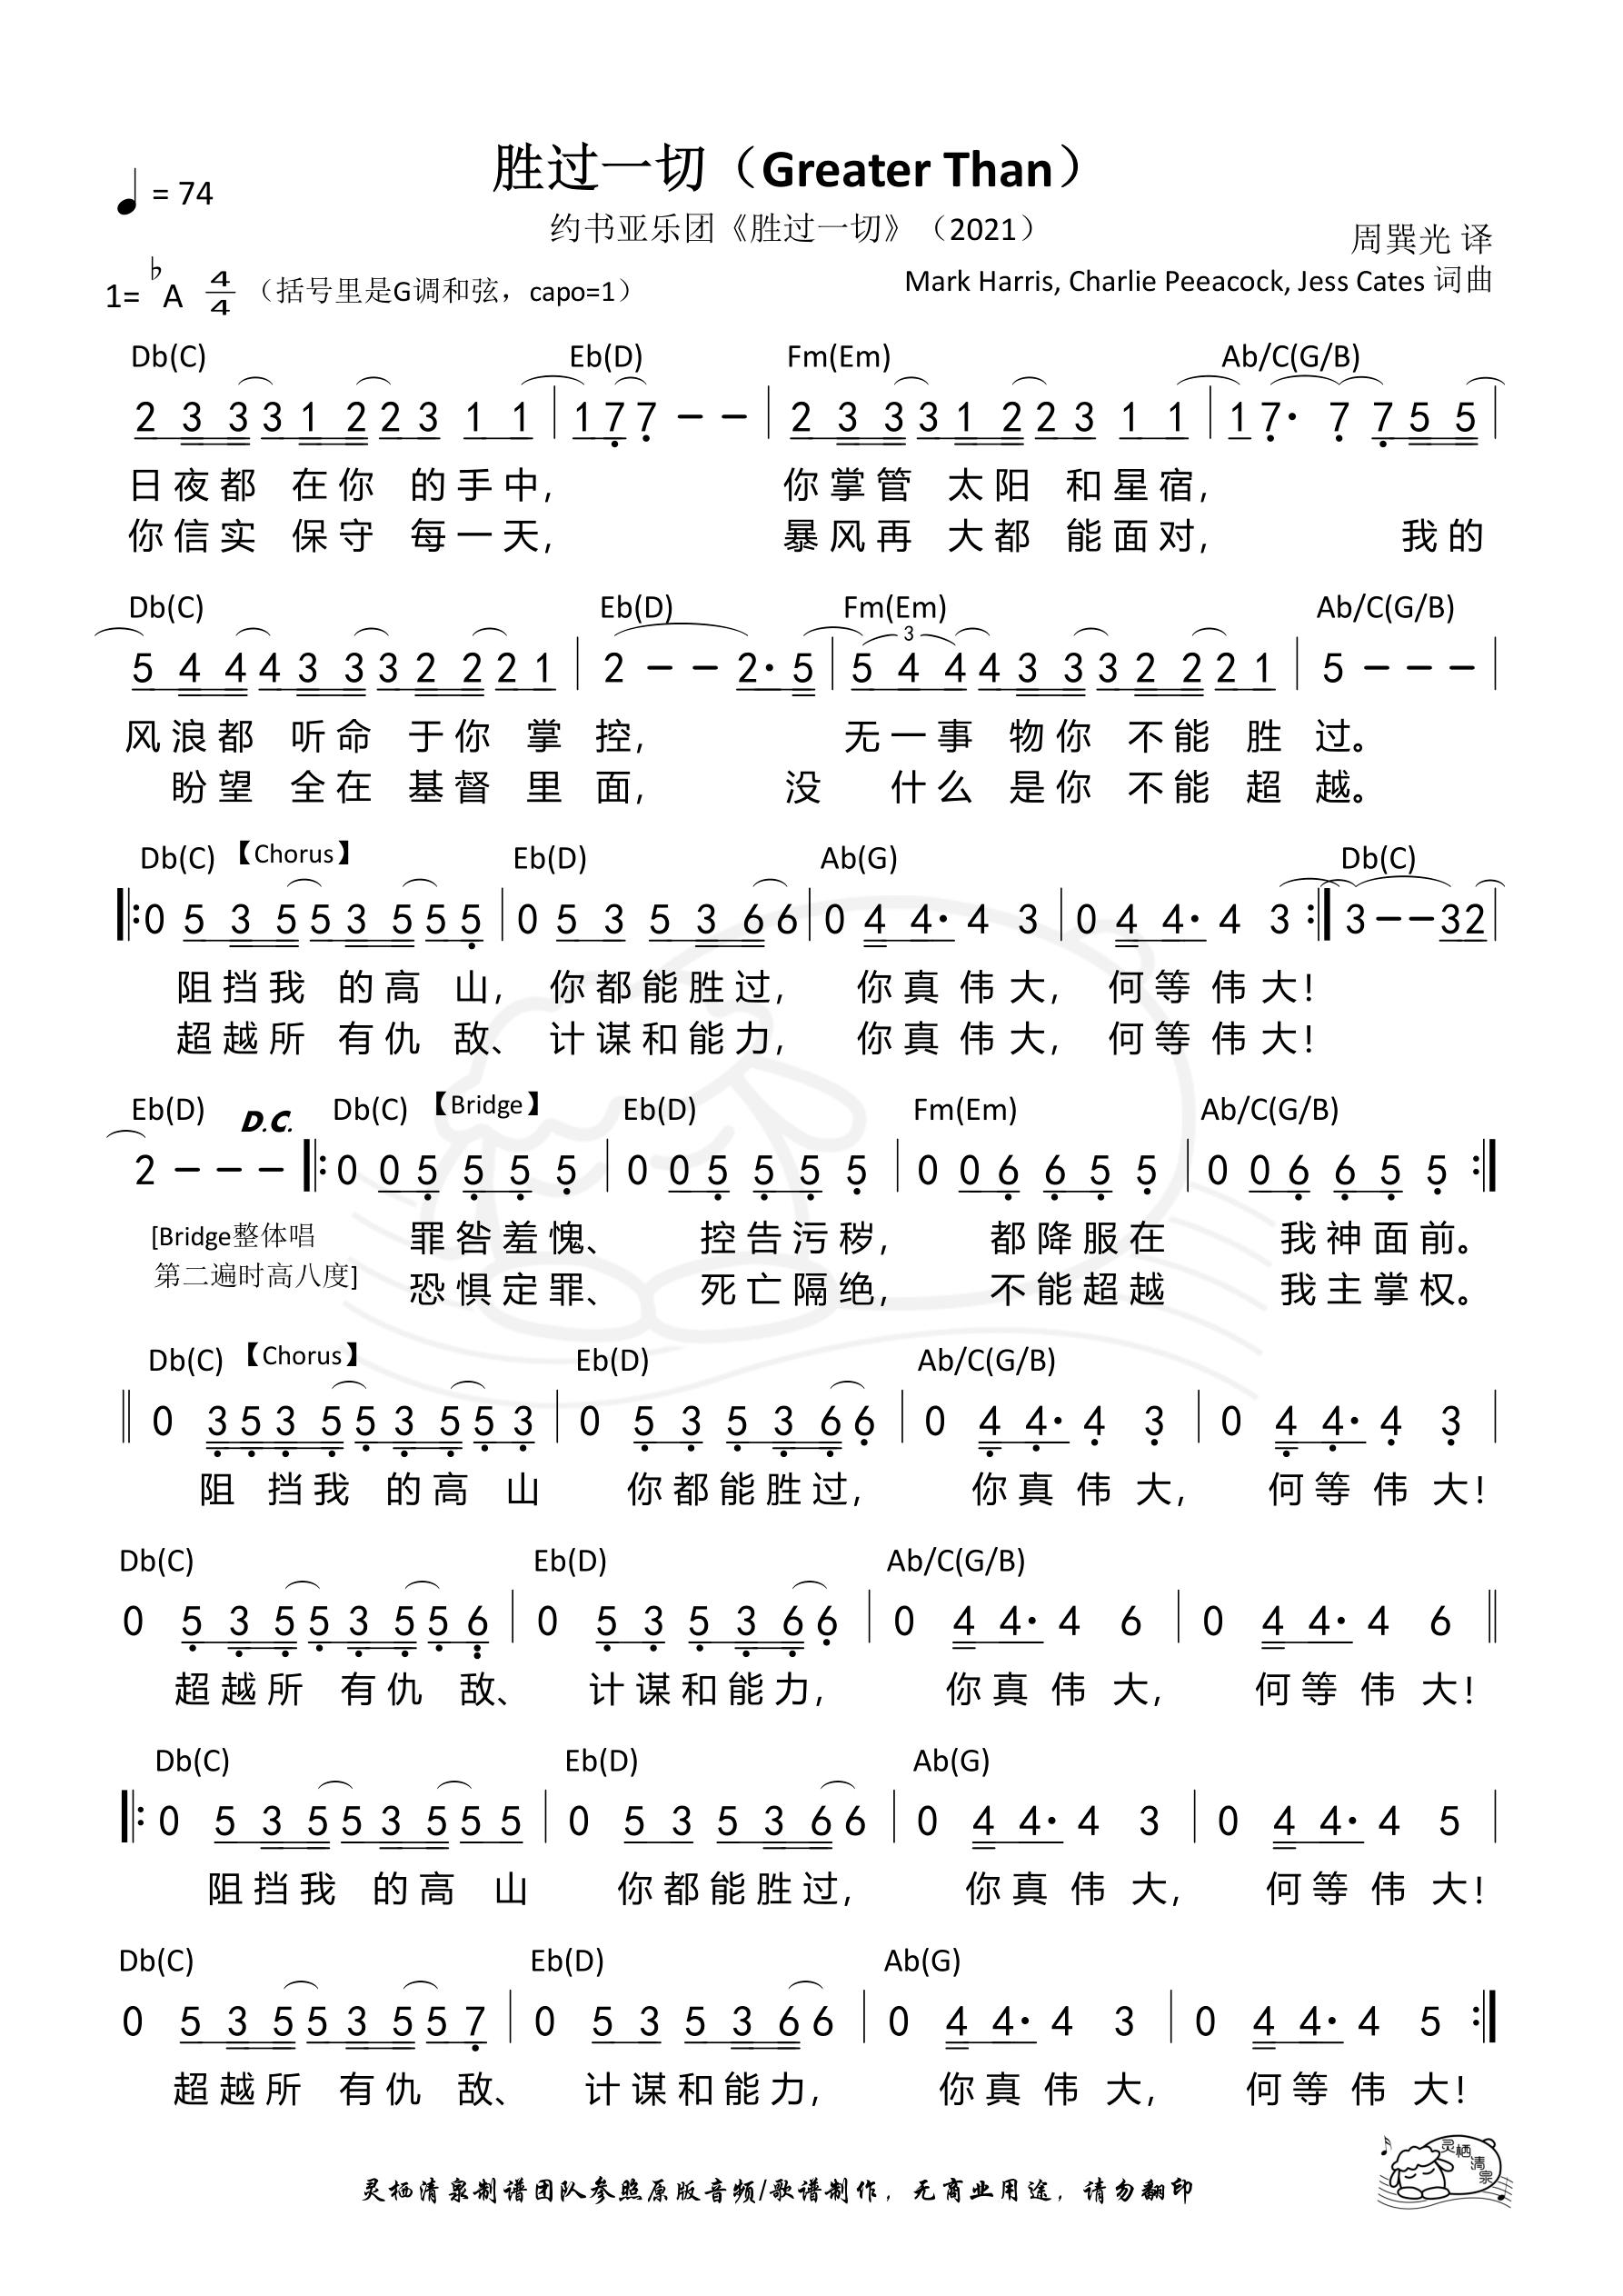 《第216首 - 胜过一切 和弦简谱》